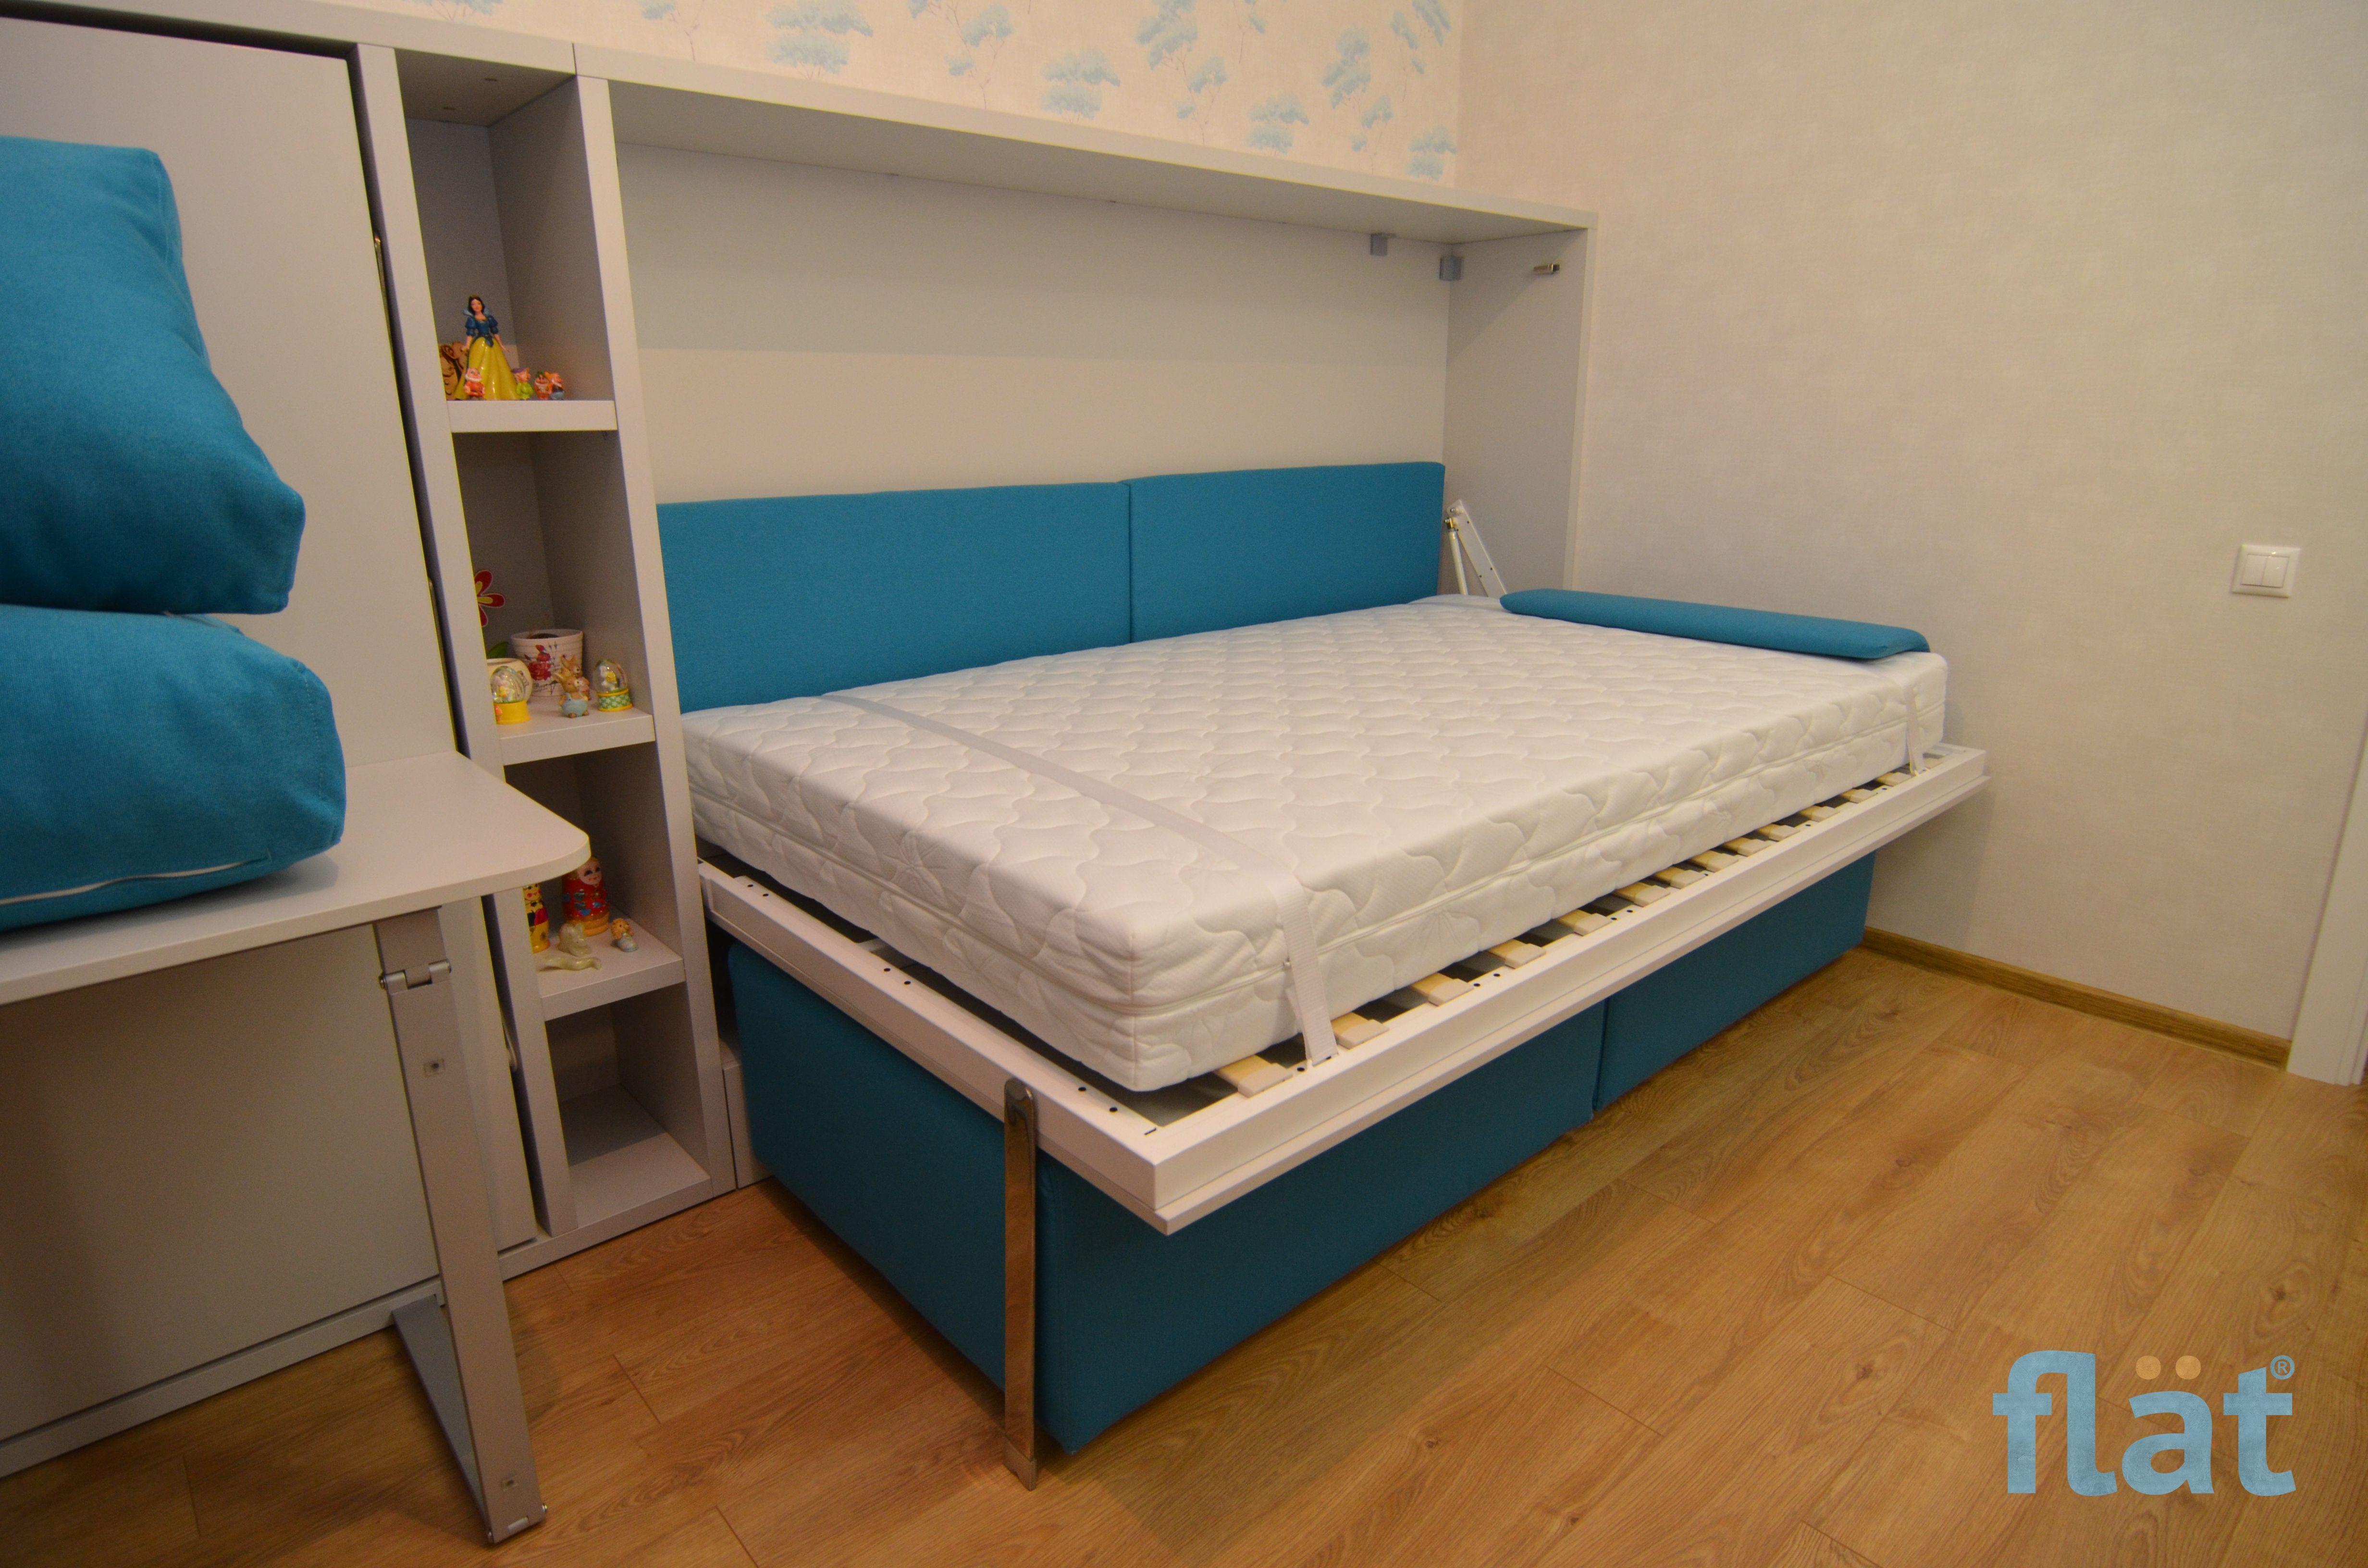 Flat Studio Smart Furniture Mebel Transformer Pat Rabatabil